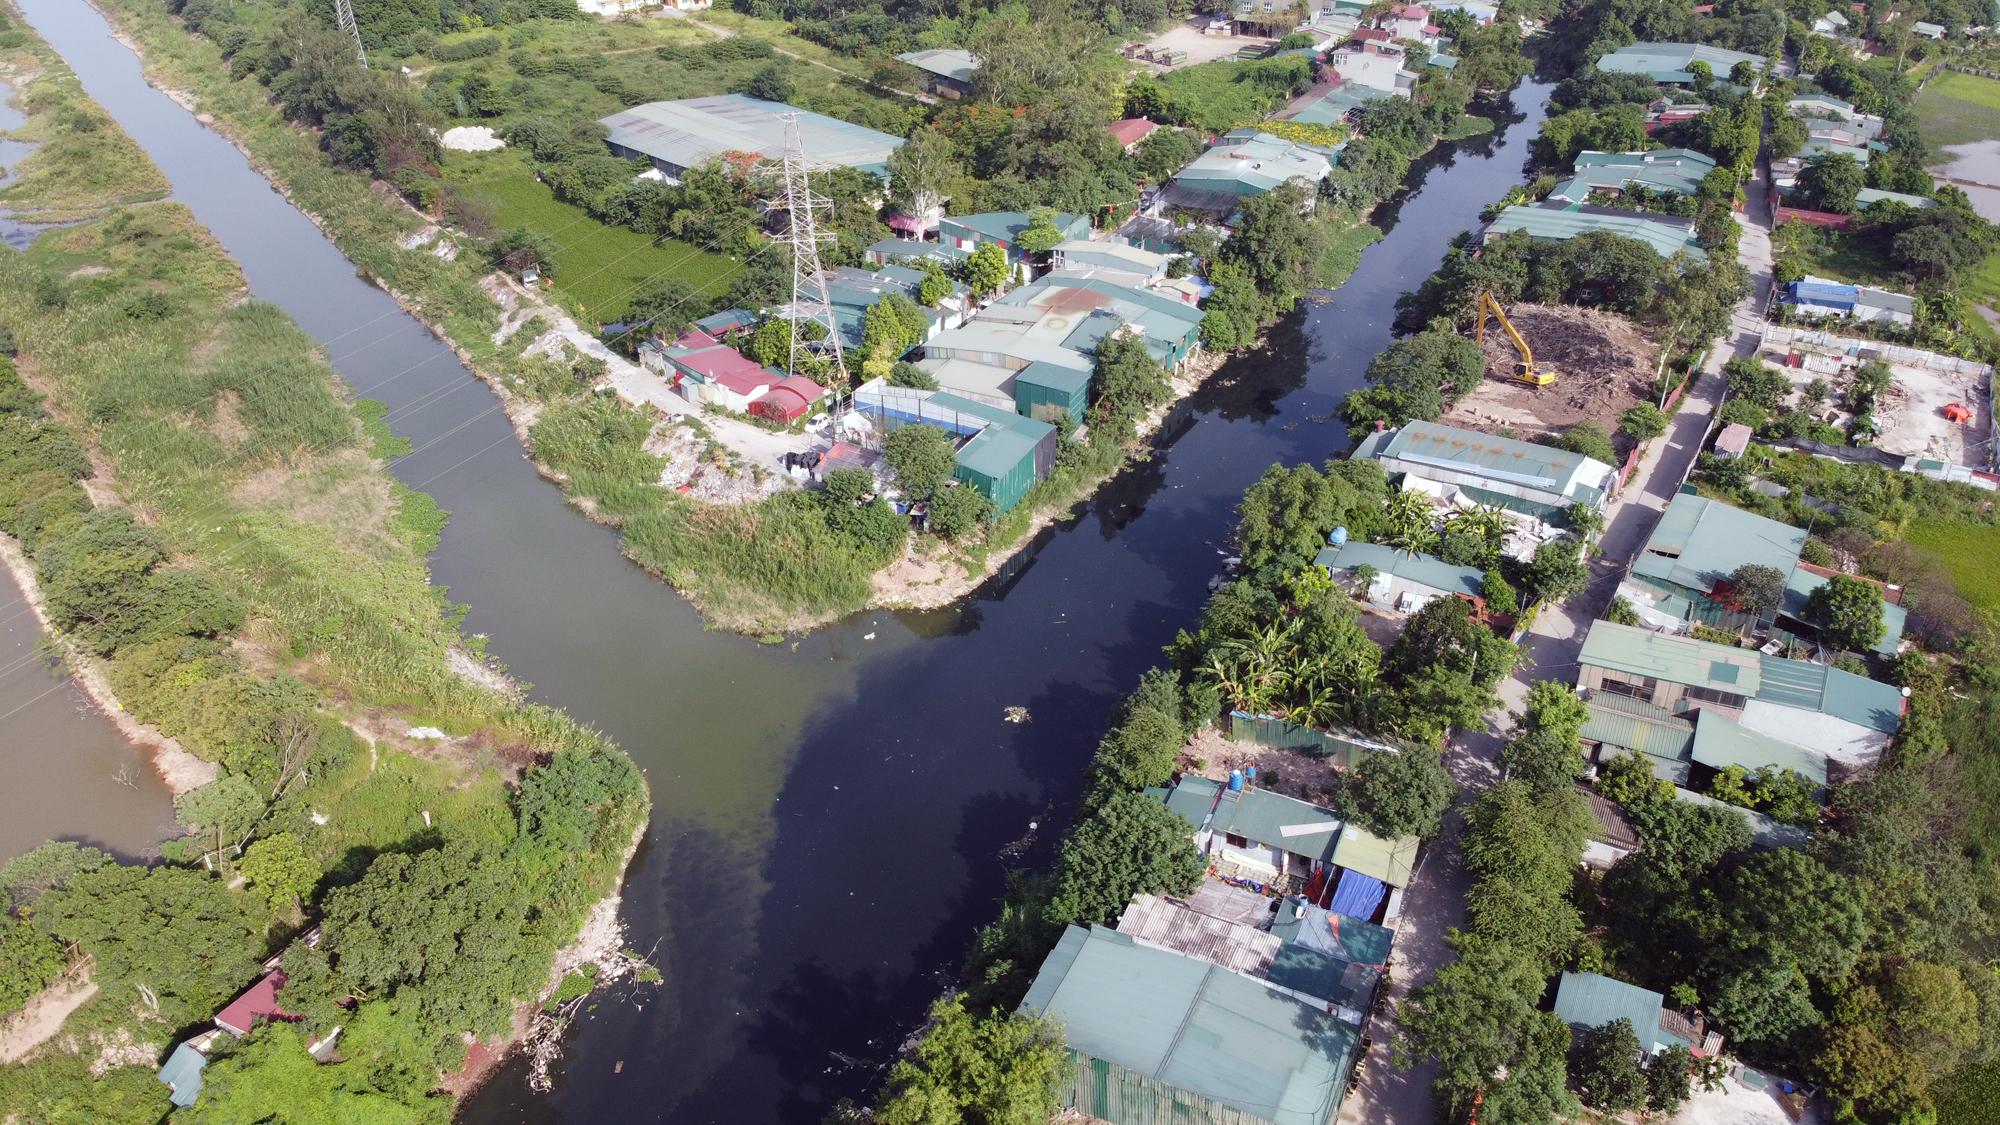 Toàn cảnh nơi xây dựng tuyến đường dài 3km trị giá gần 500 tỉ đồng ở quận Nam Từ Liêm - Ảnh 3.